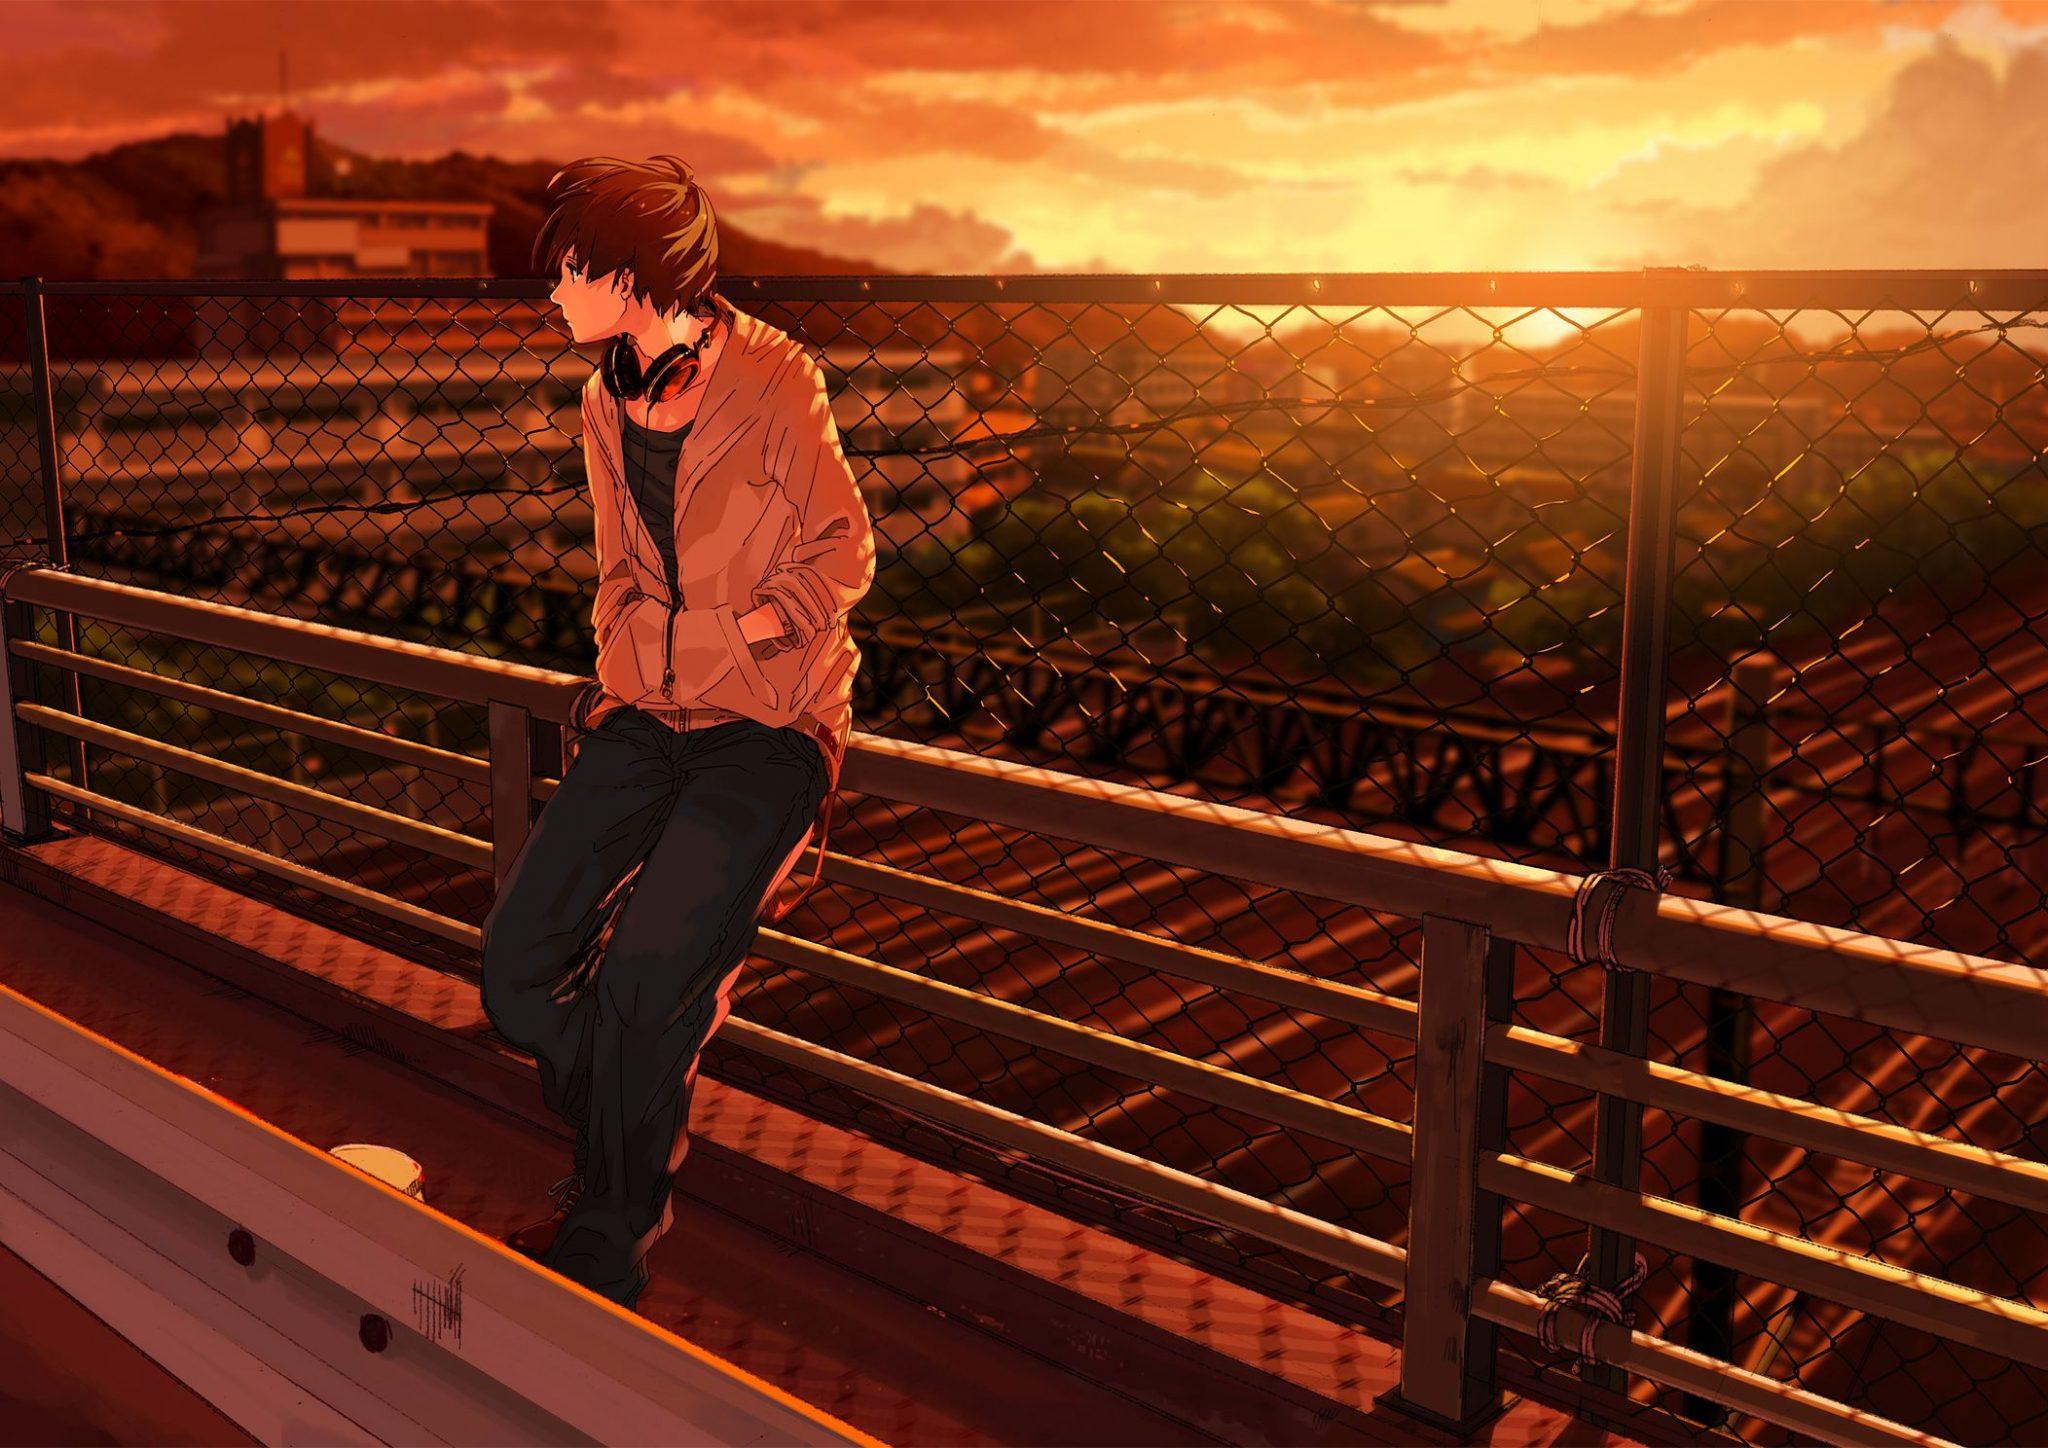 Hình ảnh đại diện facebook chàng trai anime mang tâm trạng buồn